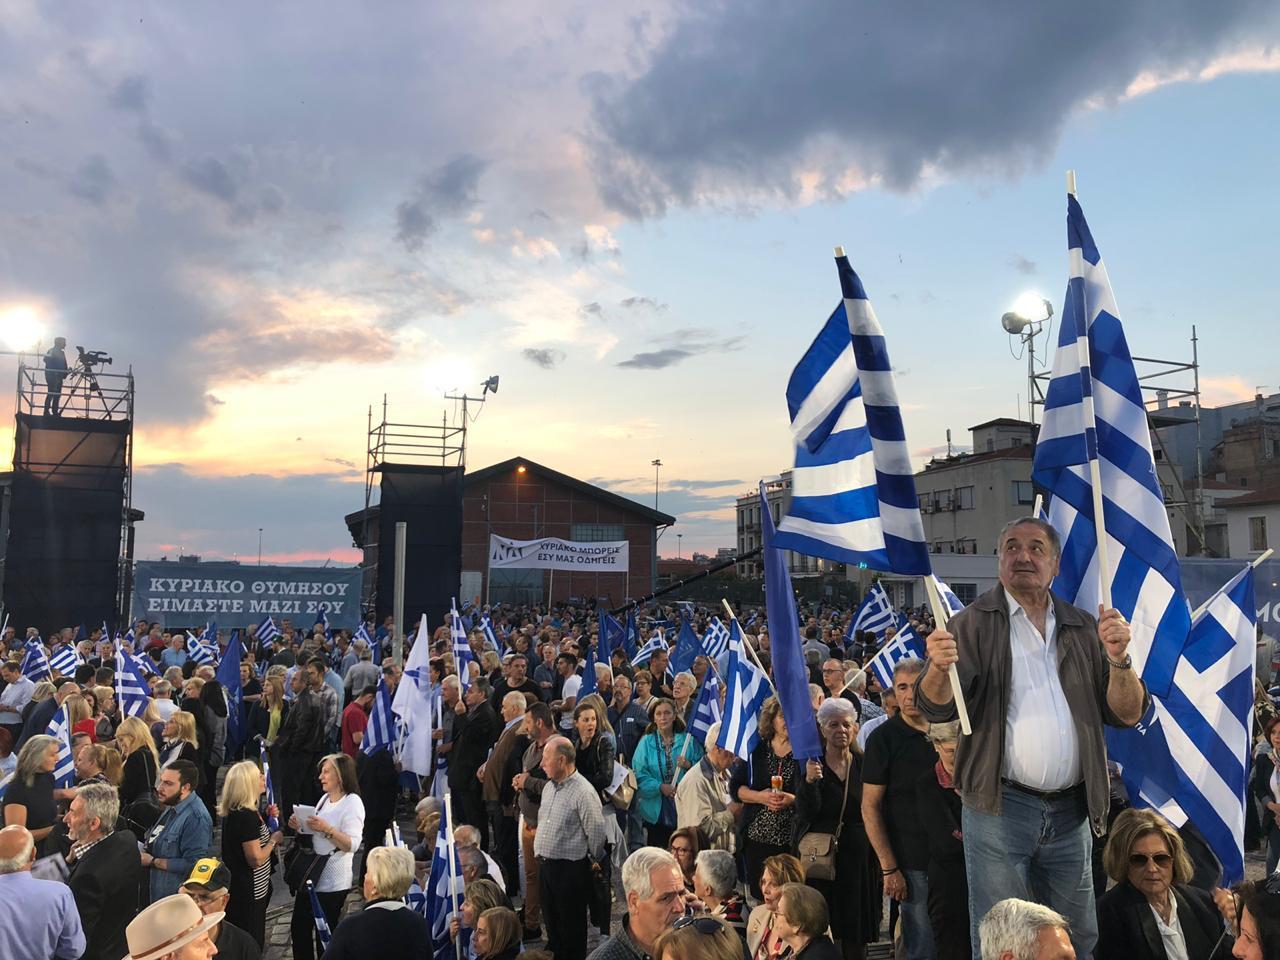 Με σημαίες της Ελλάδας οι πολίτες που συγκεντρώθηκαν για να ακούσουν τον Κυριάκο Μητσοτάκη στη Θεσσαλονίκη